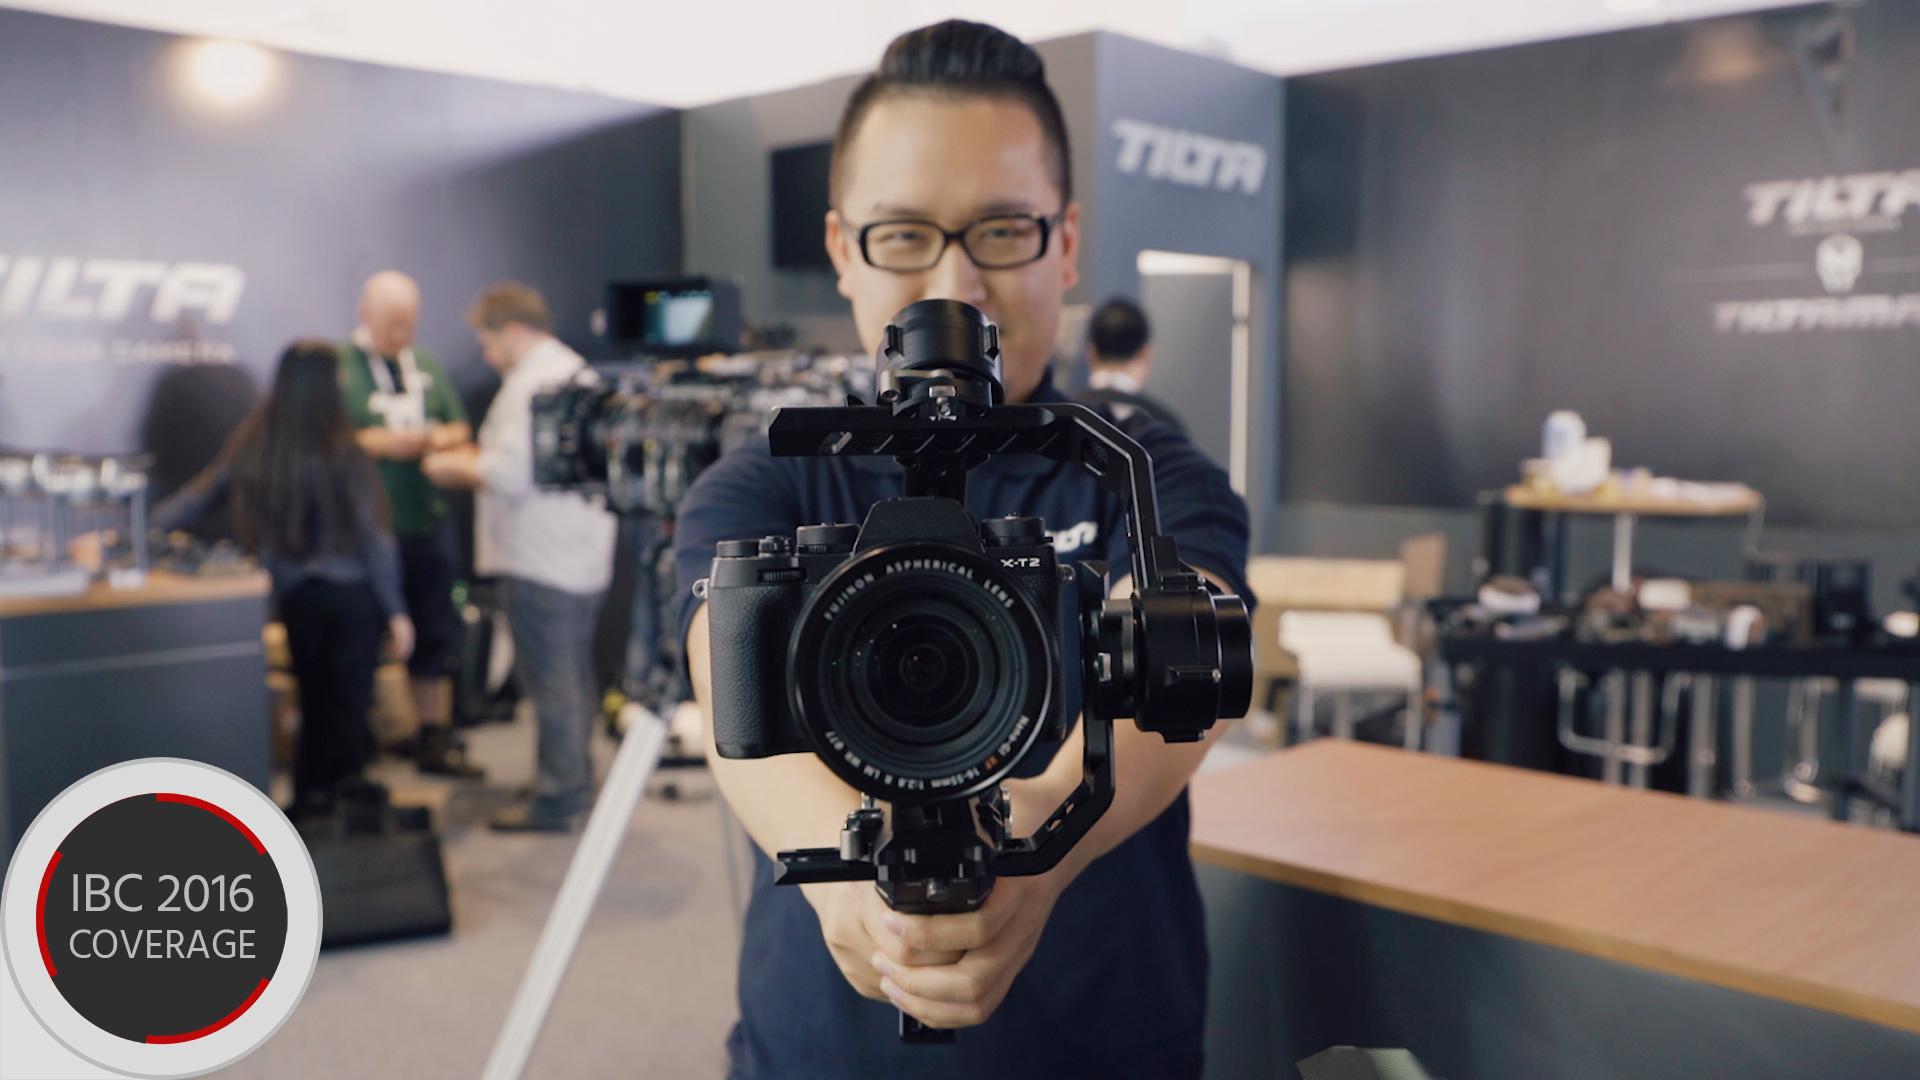 ティルタ(Tilta) Gravity G1 - 360°回転するミラーレスカメラ用小型ジンバル